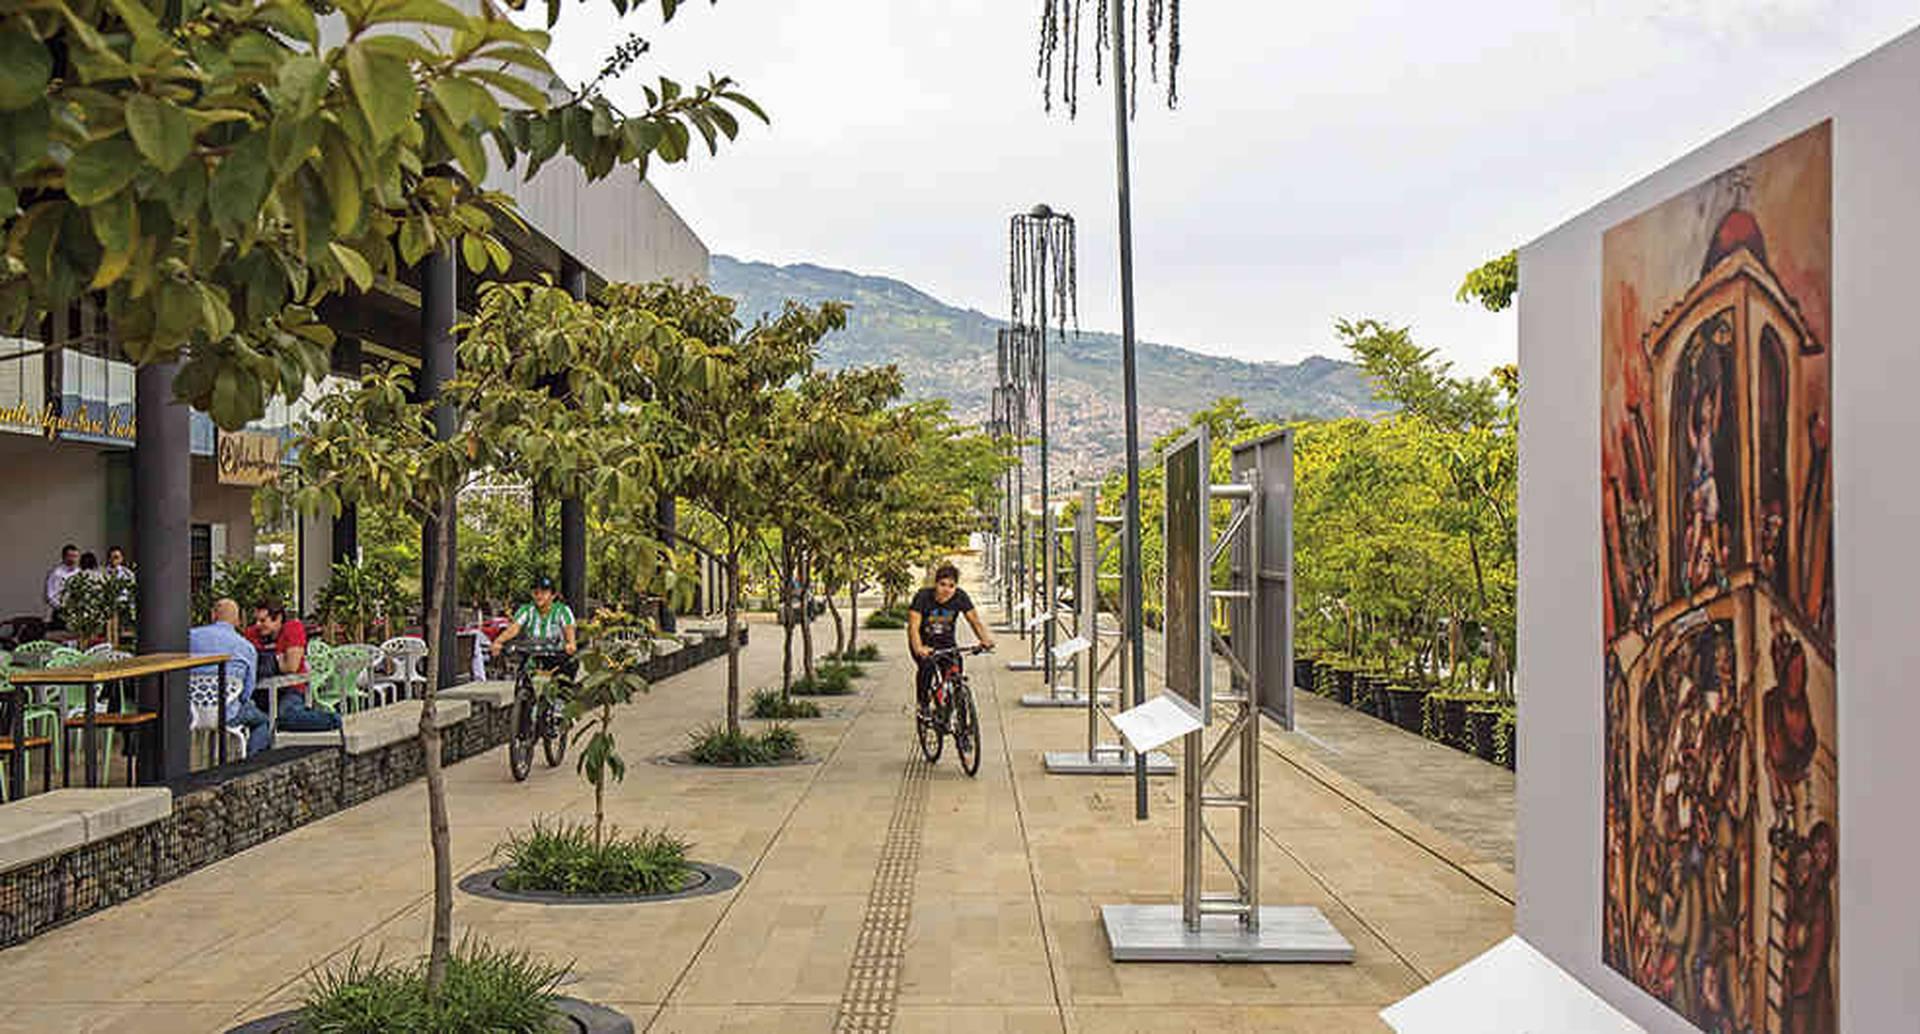 Medellín ha ganado fama por sus obras disruptivas y ambiciosas. Pero nada se compara con este proyecto urbanístico revolucionario.